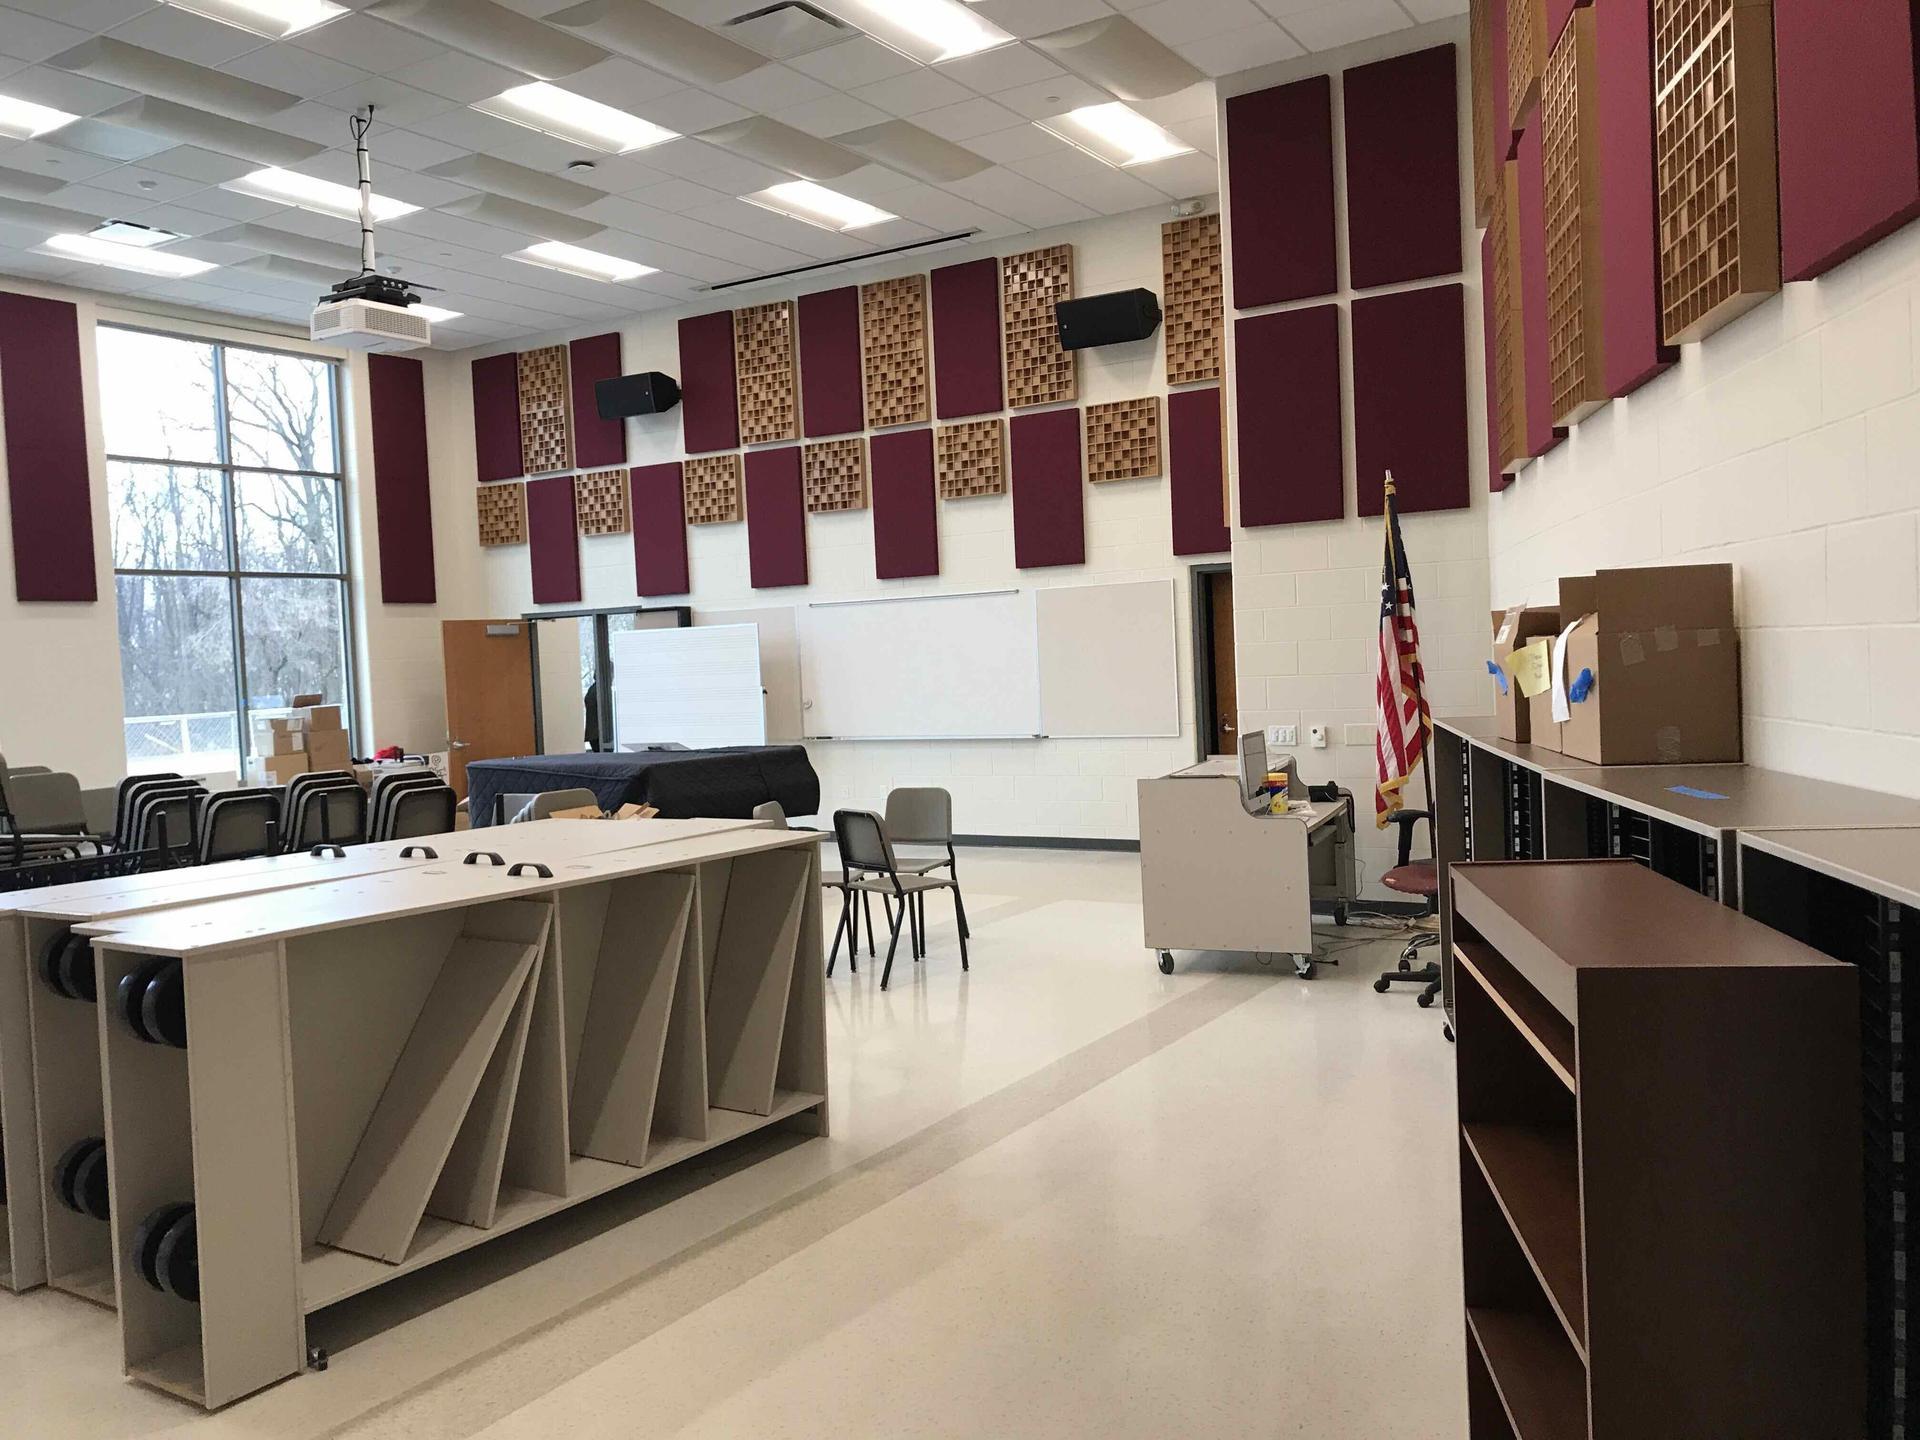 New choir room